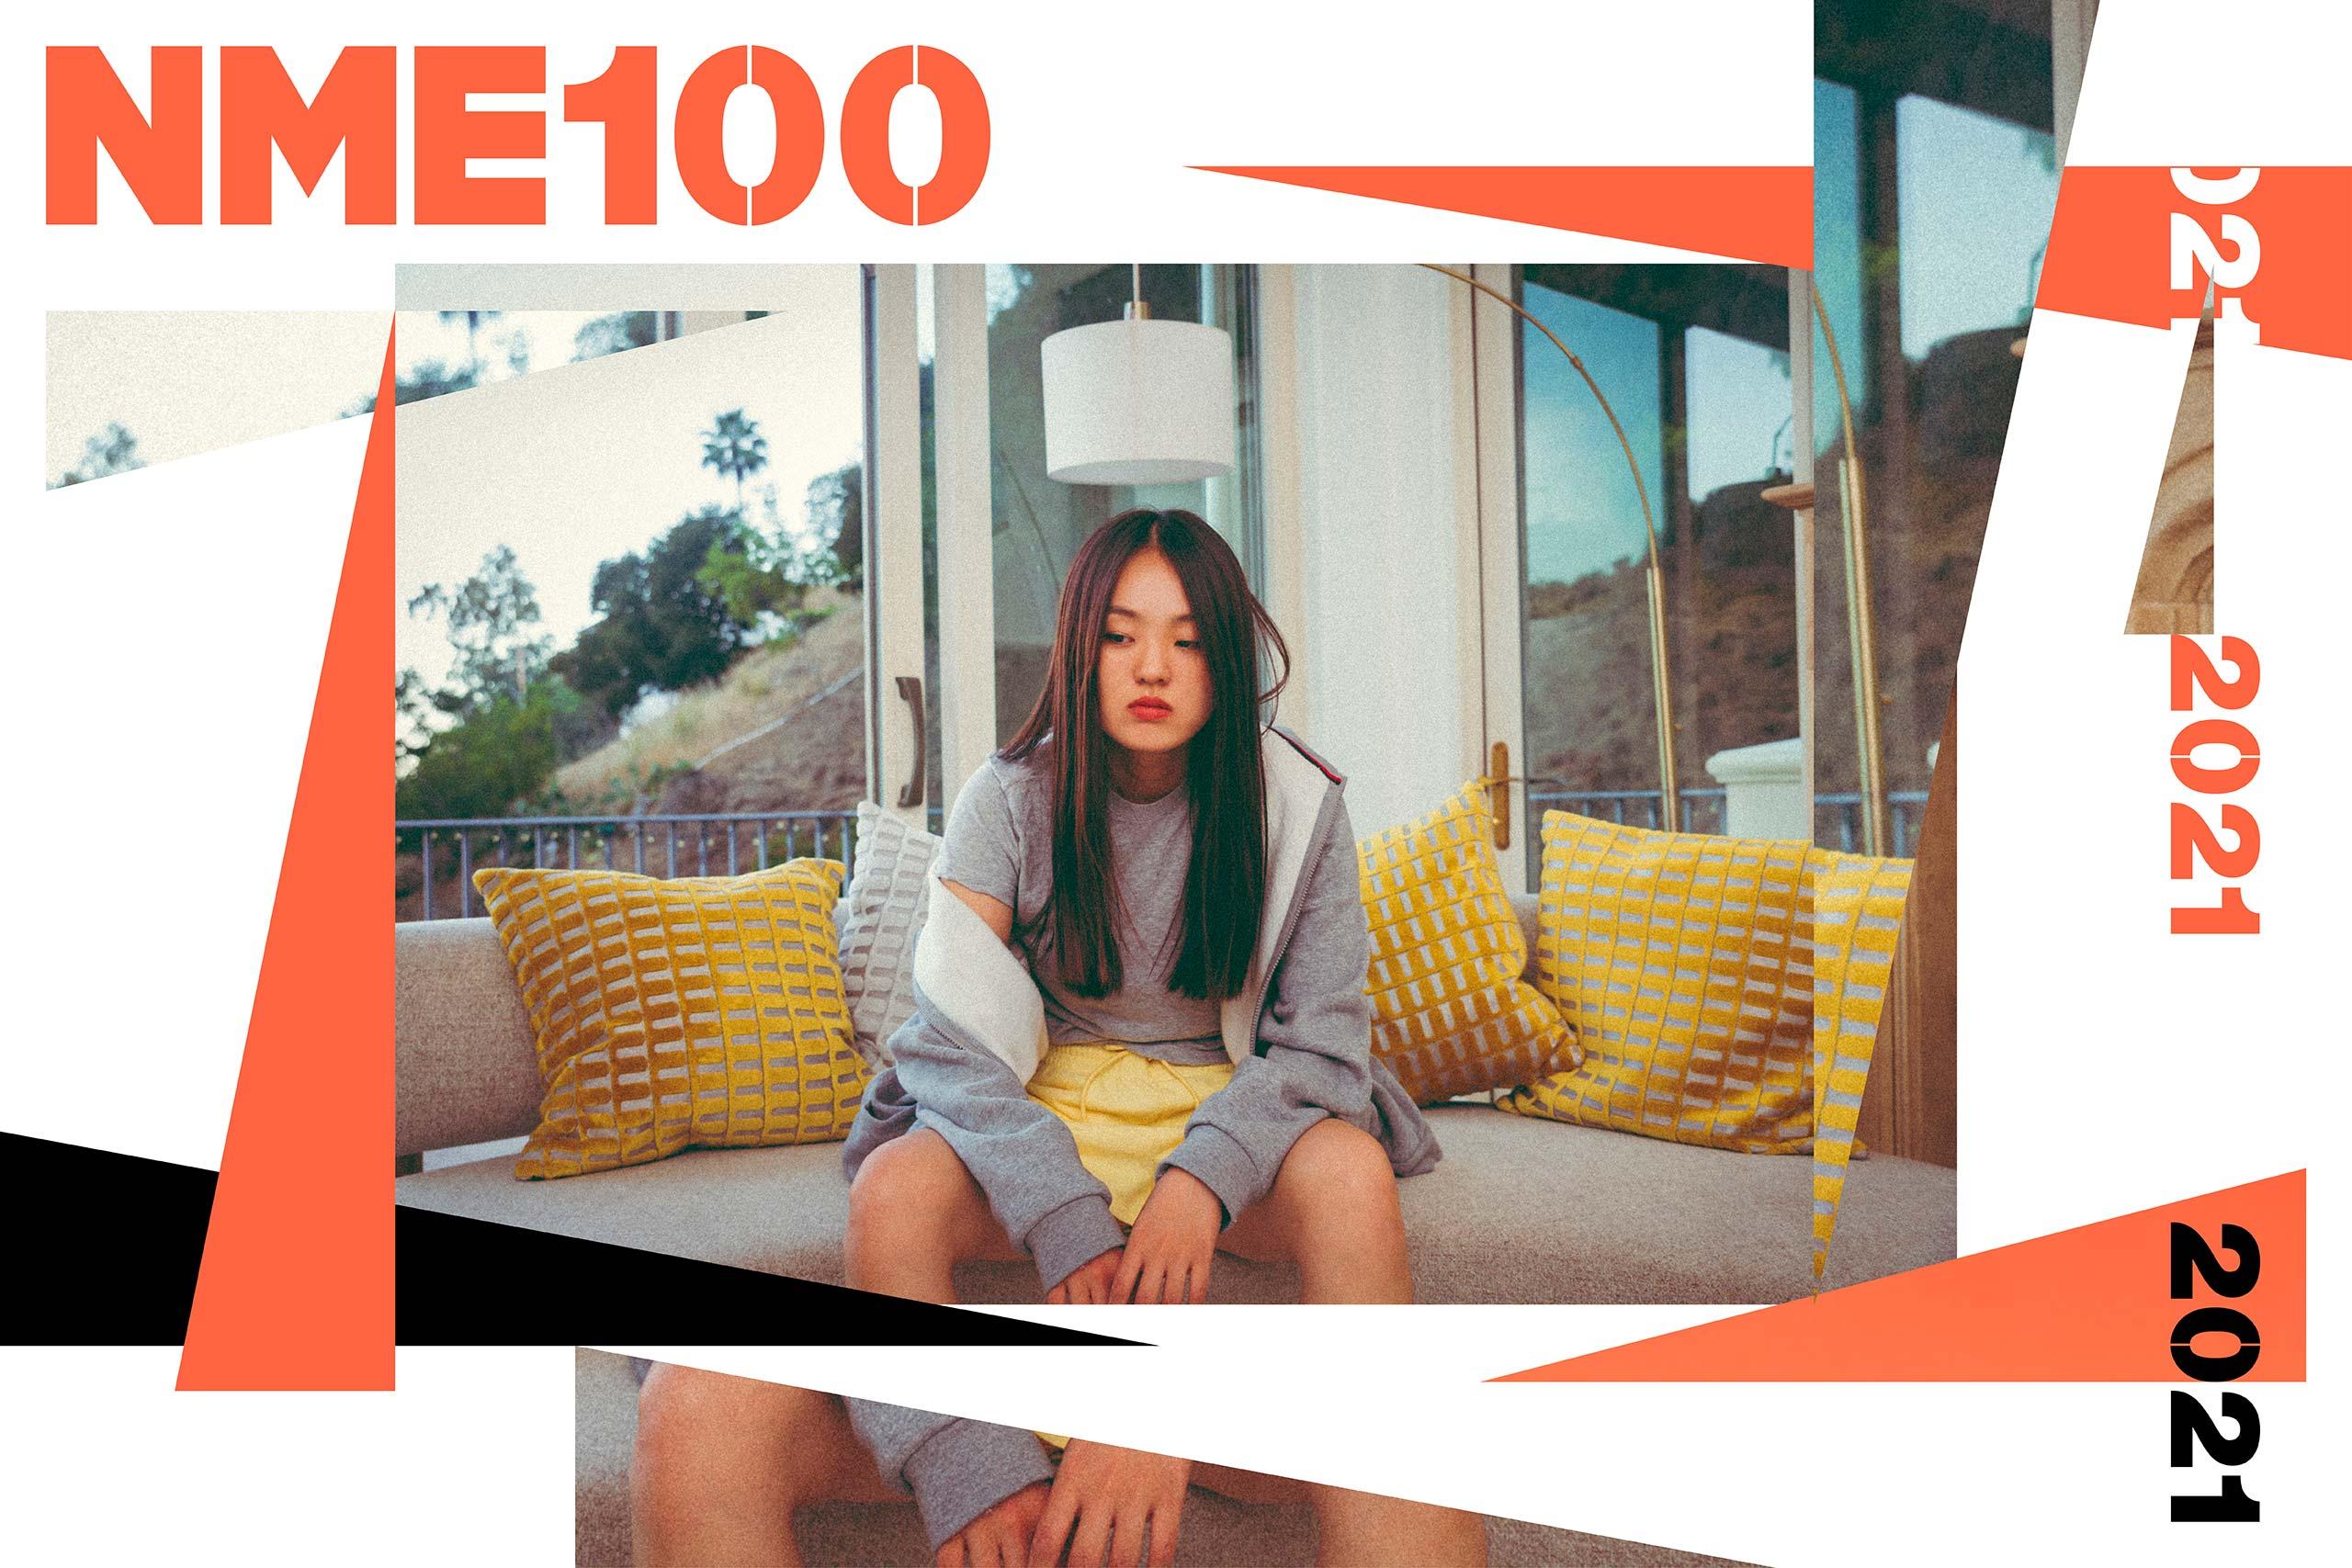 NME 100 park hye jin